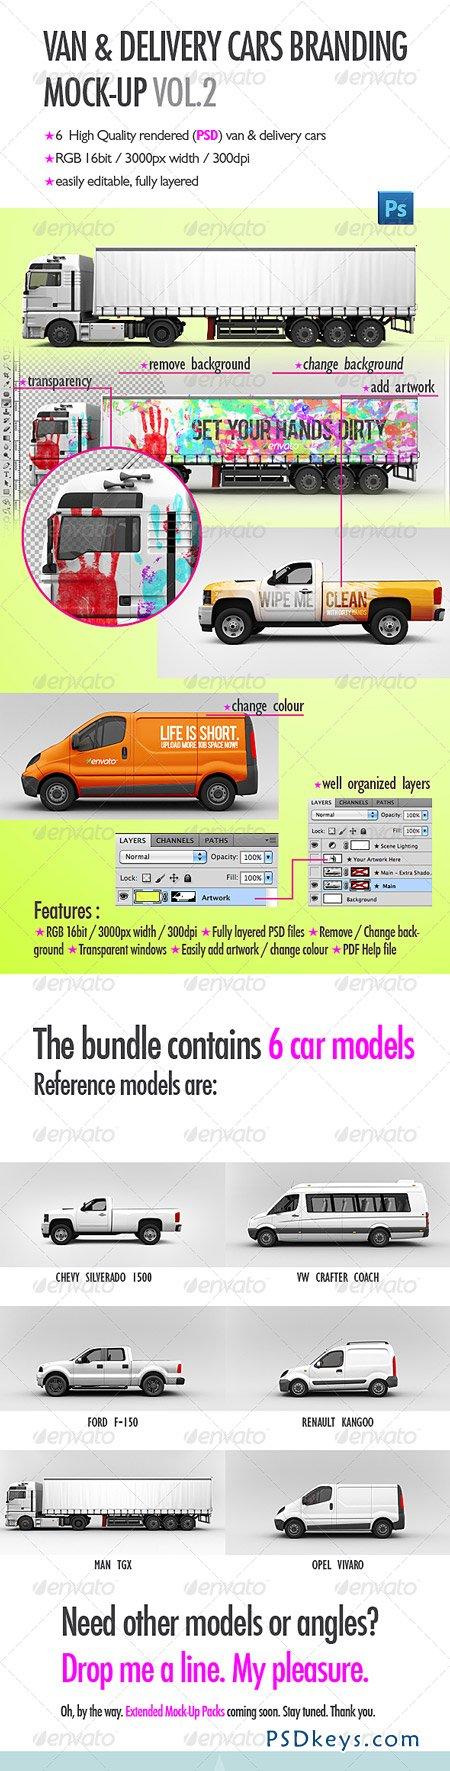 Van & Delivery Cars Branding Mock-Up Vol 2 2788070